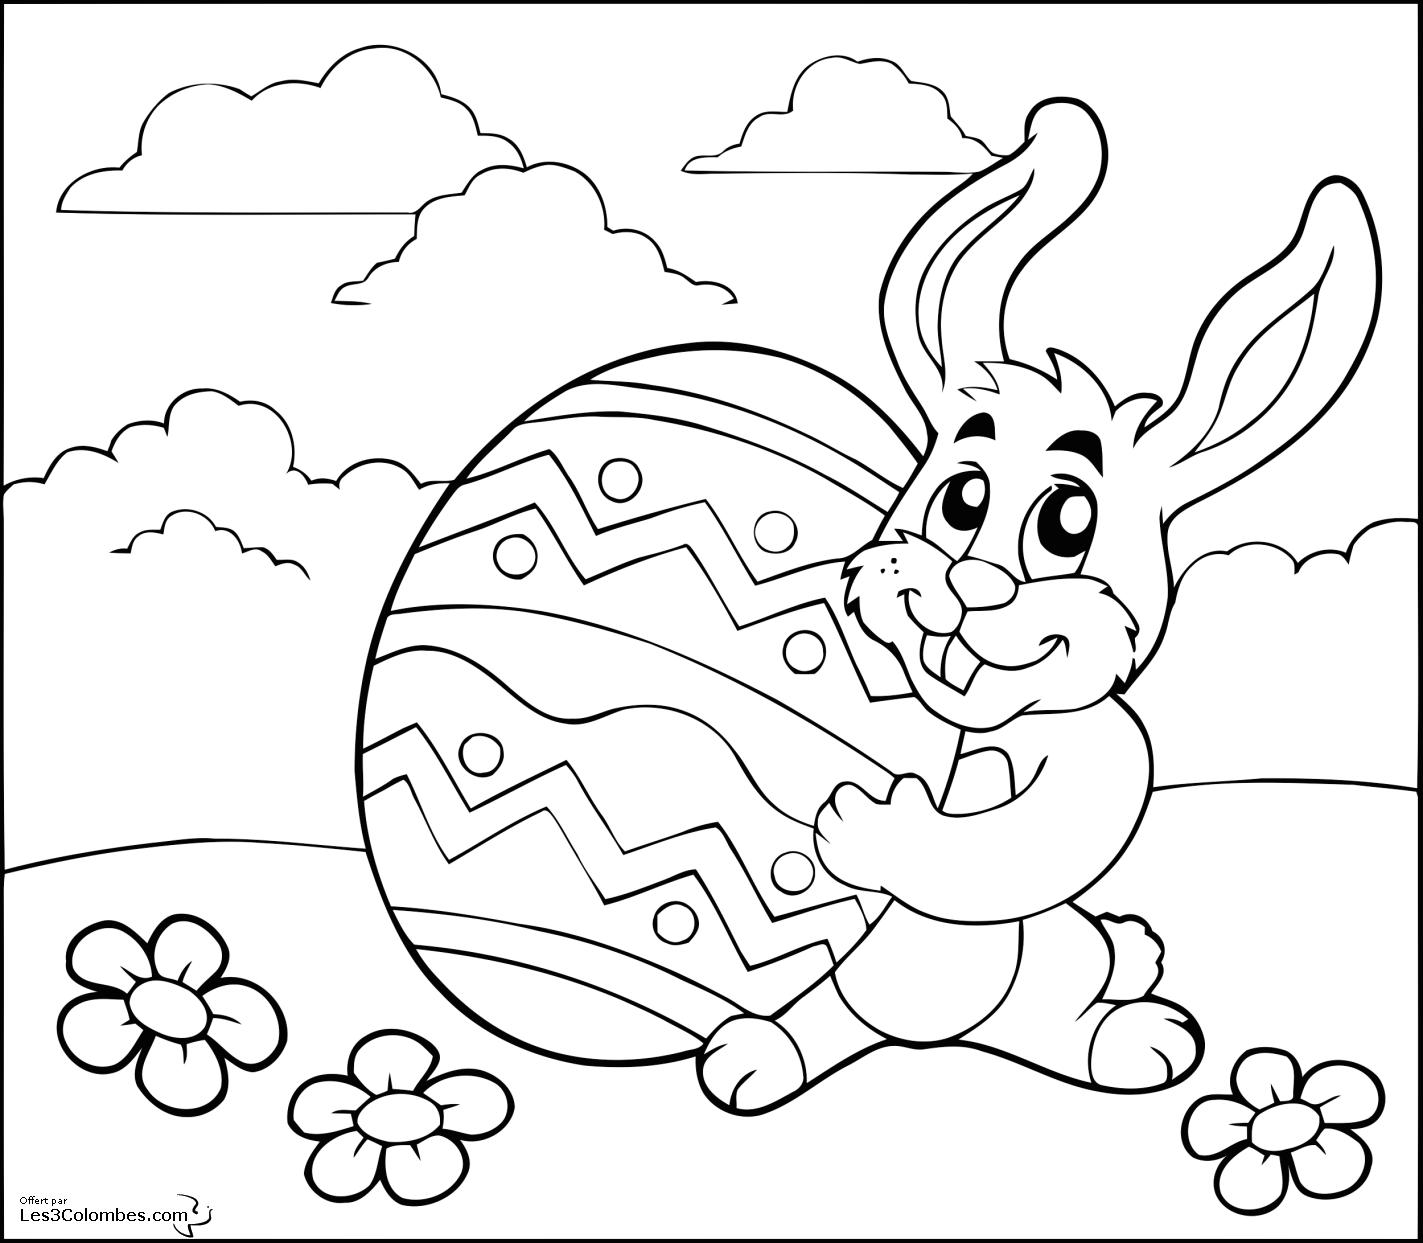 dessin d'un lapin de paques